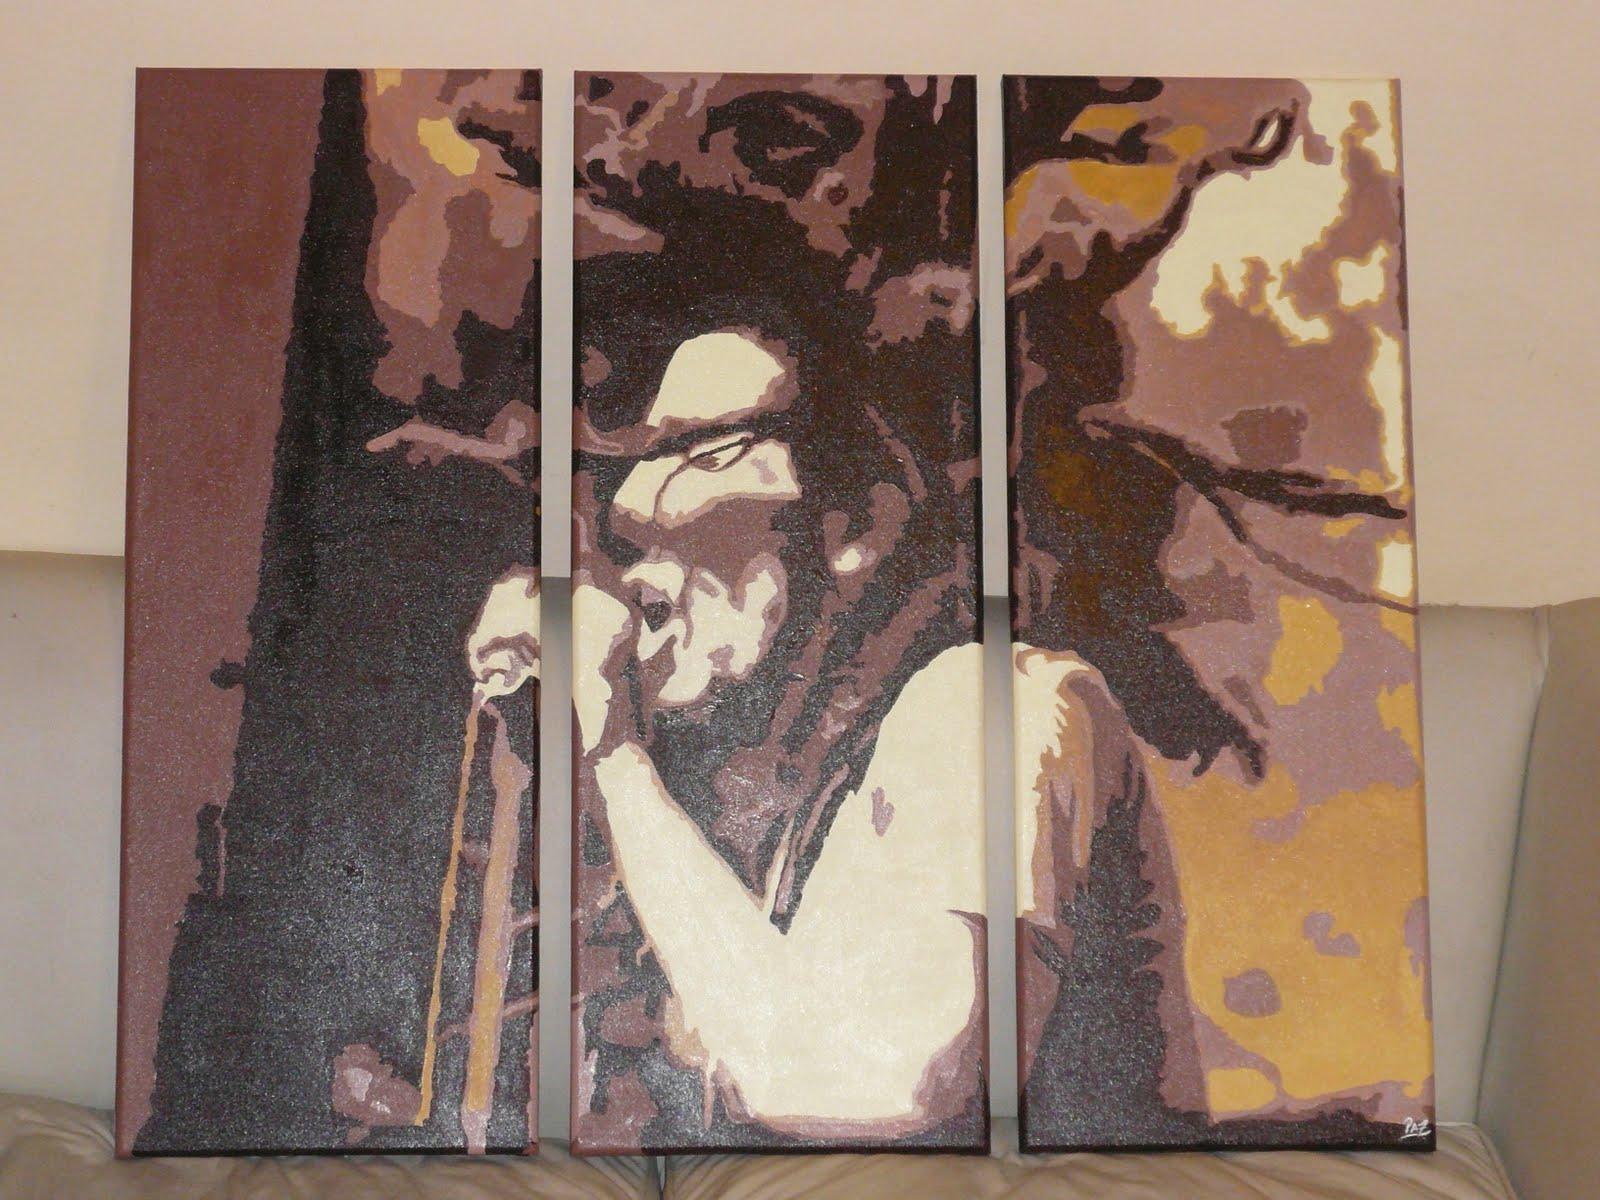 Bob marley doble carga cuadros acrilico pintados a mano - Cuadros de bob marley ...